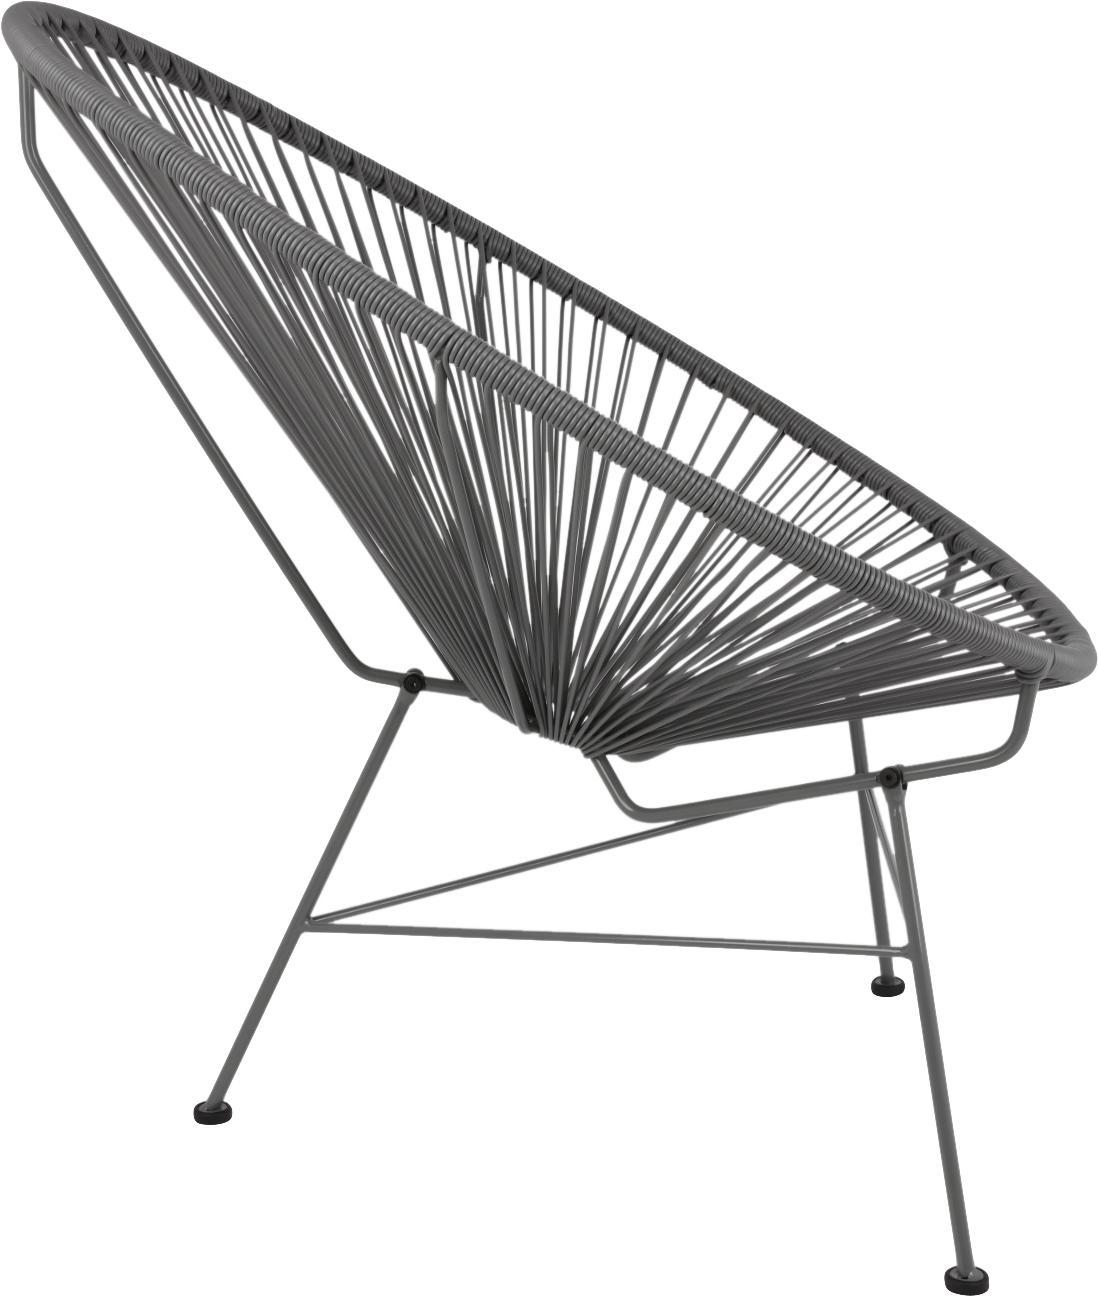 Sillón Bahia, Asiento: plástico, Estructura: metal con pintura en polv, Gris, An 81 x F 73 cm